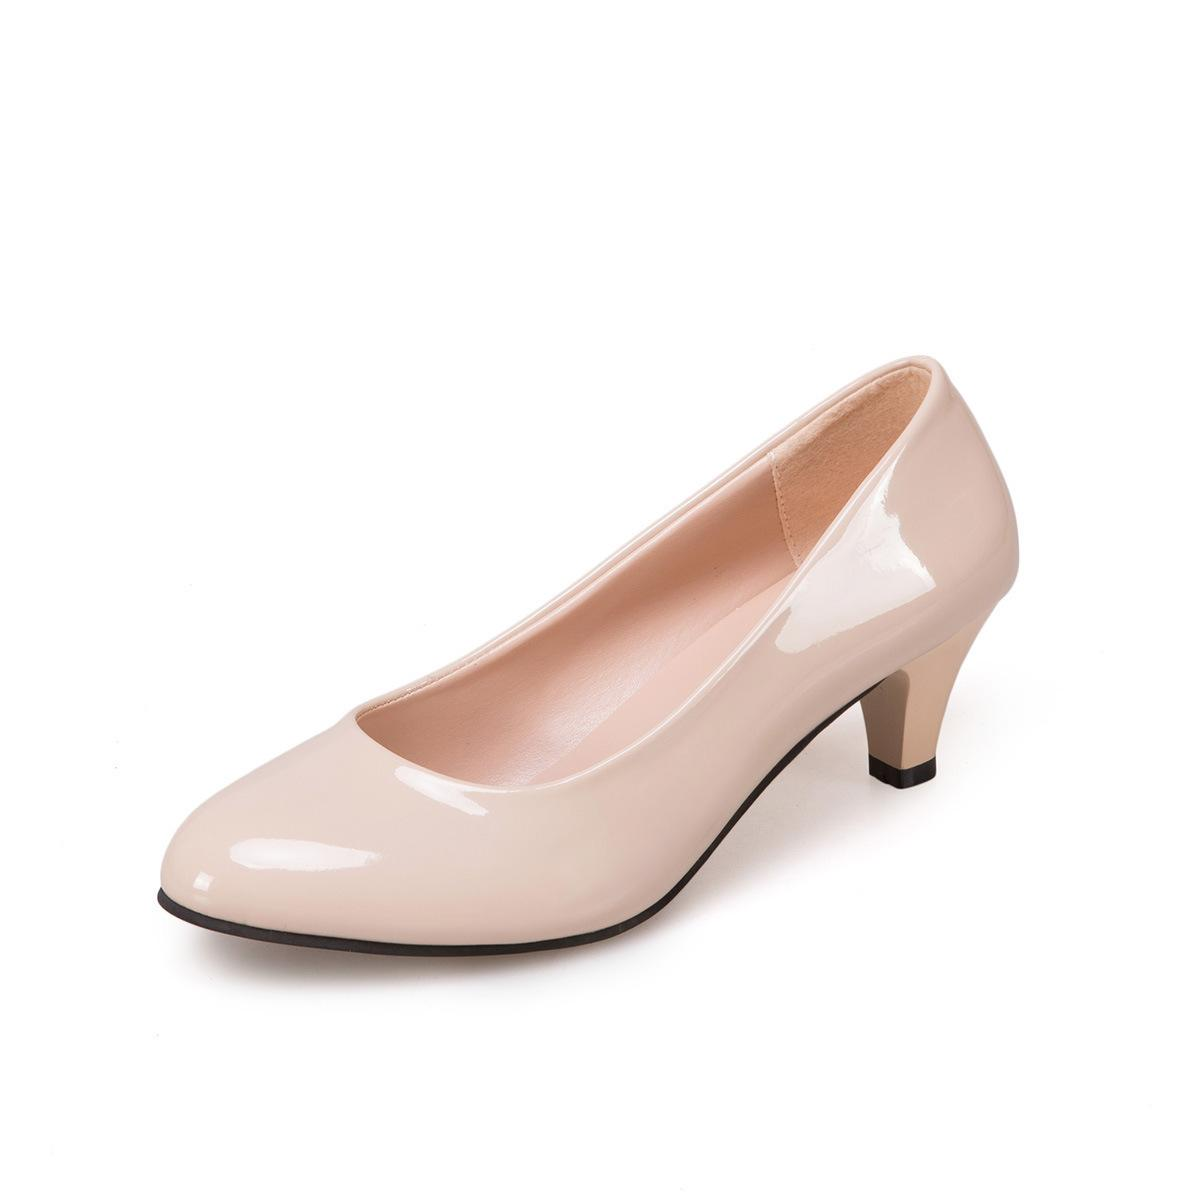 cb603f231a943 Compre Zapatos De Vestir De Diseñador 2019 Para Mujer Tacones Altos Bombas  Para Damas Slip On Elegante Sexy Clásicos Fiesta Vestido De Novia Moda Más  Tamaño ...